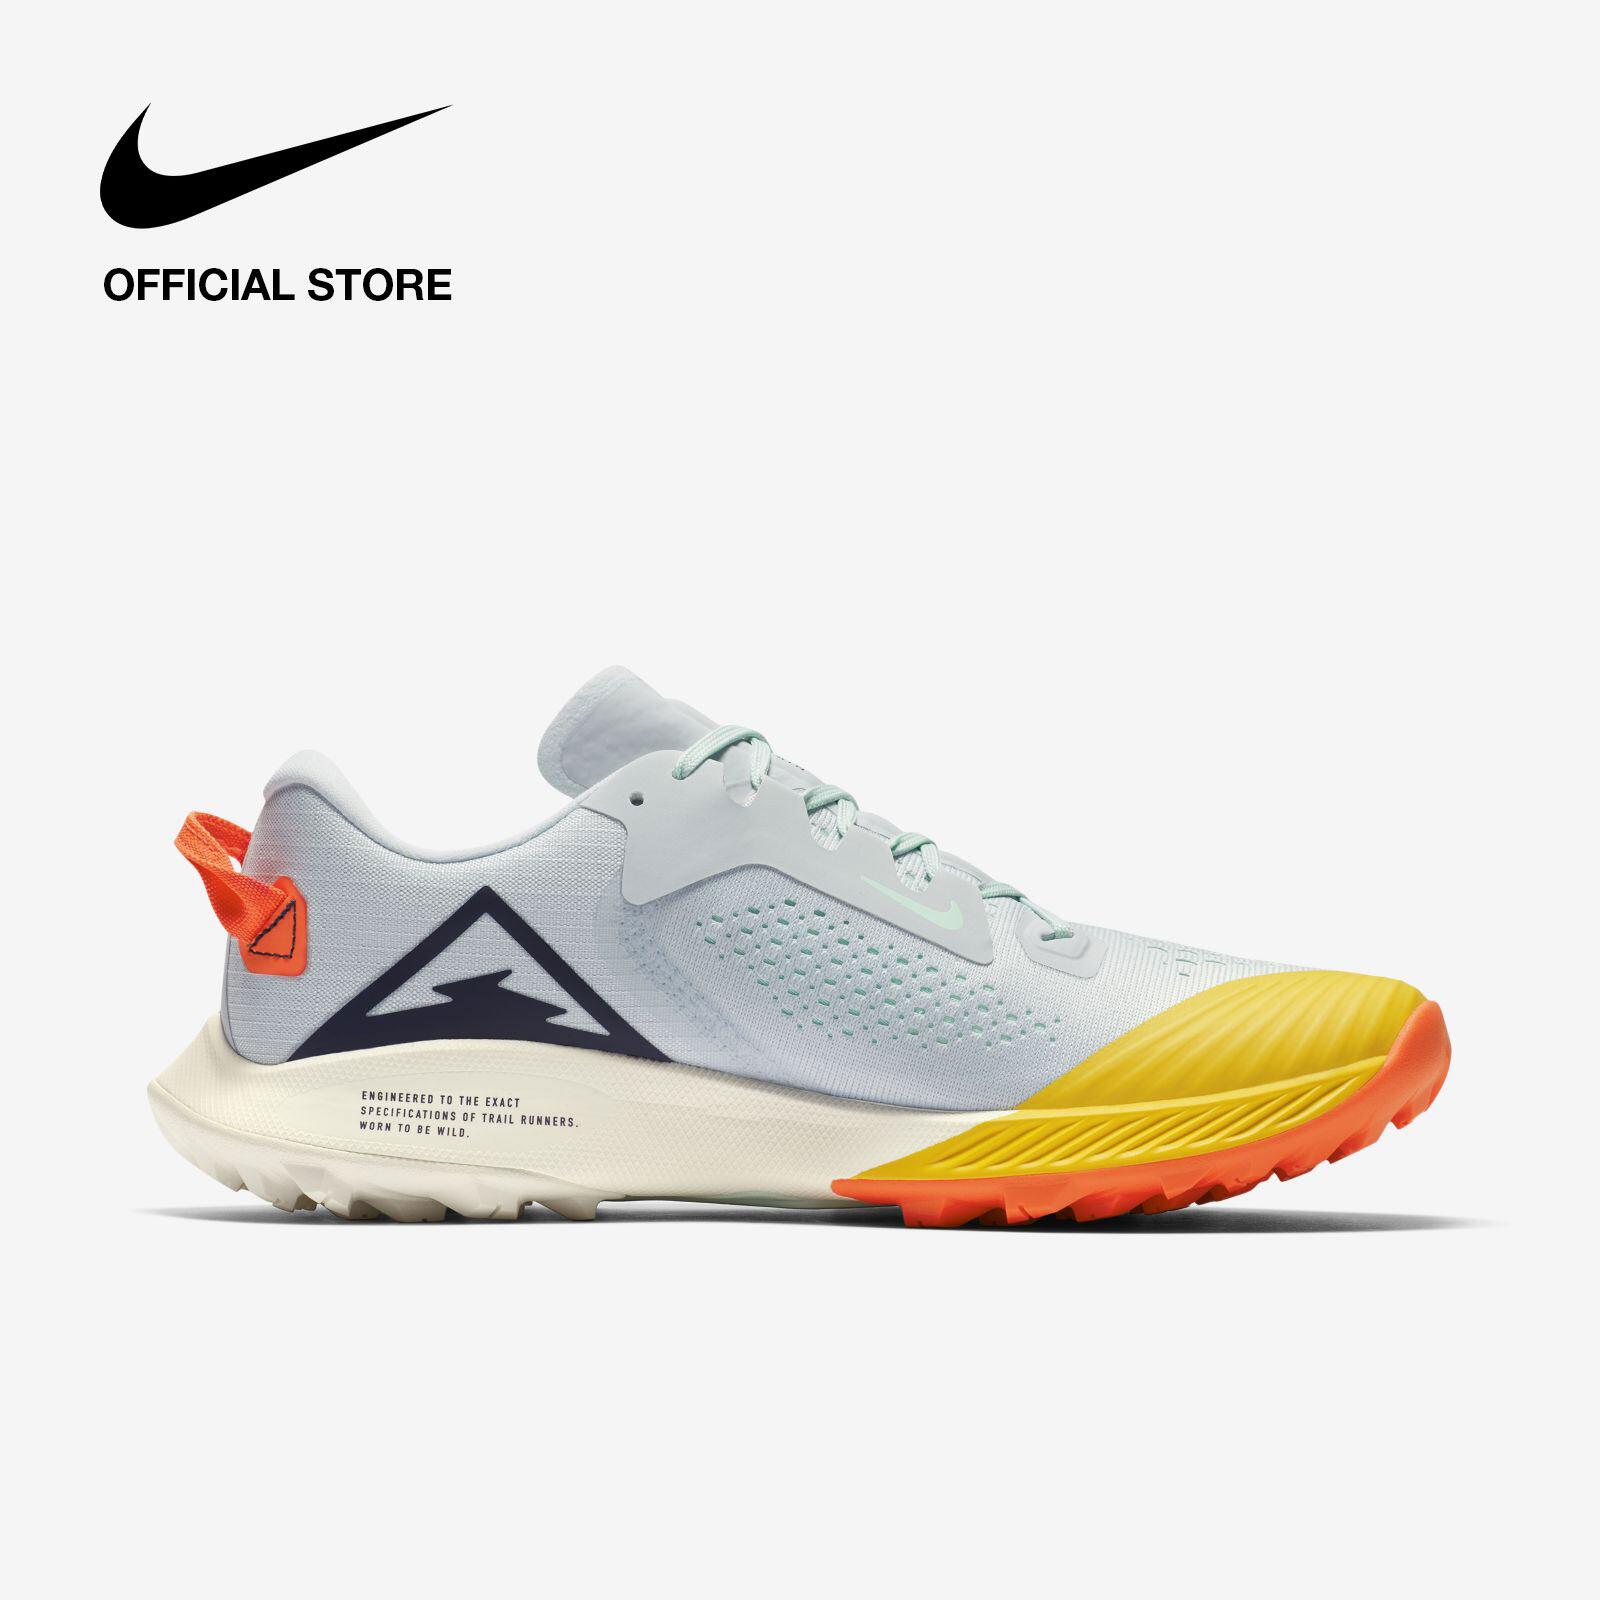 รีวิว Nike Women's Air Zoom Terra Kiger 6 Trail Running Shoes - Aura ไนกี้ รองเท้าวิ่งเทรลผู้หญิง แอร์ ซูม เทอร่า ไคเกอร์ 6 - สีฟ้า